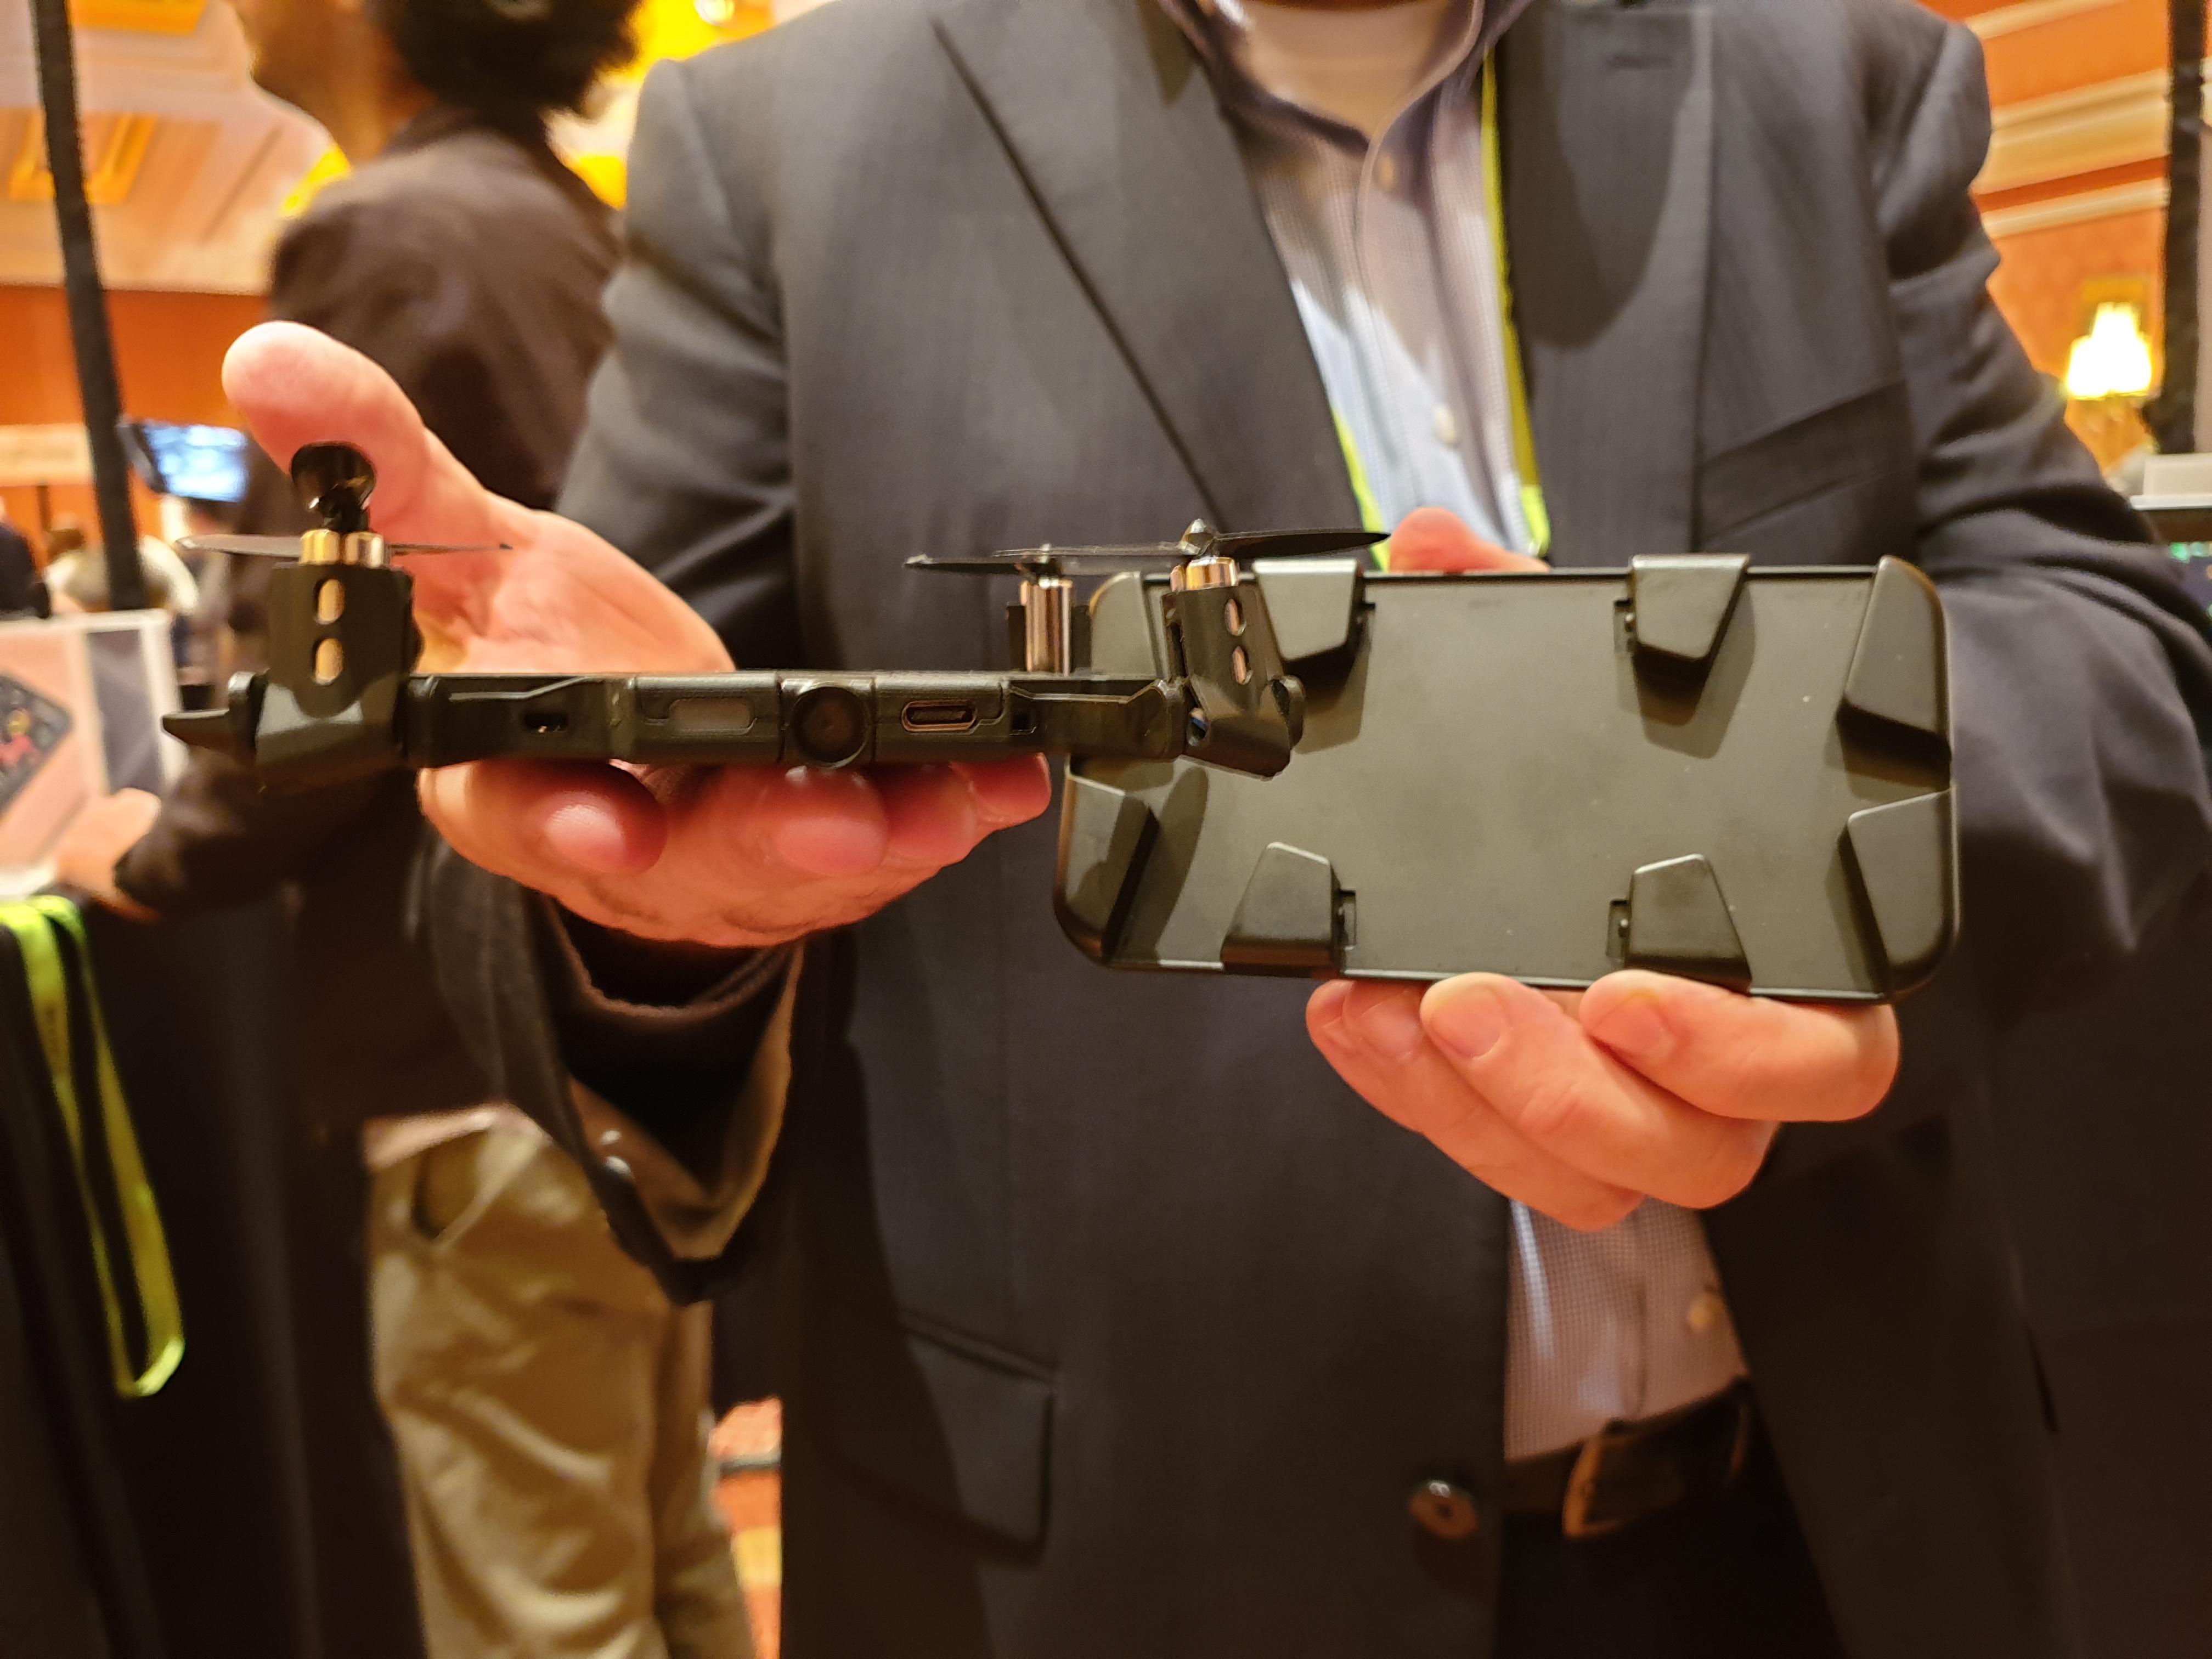 Cette coque de smartphone se transforme en drone à selfie